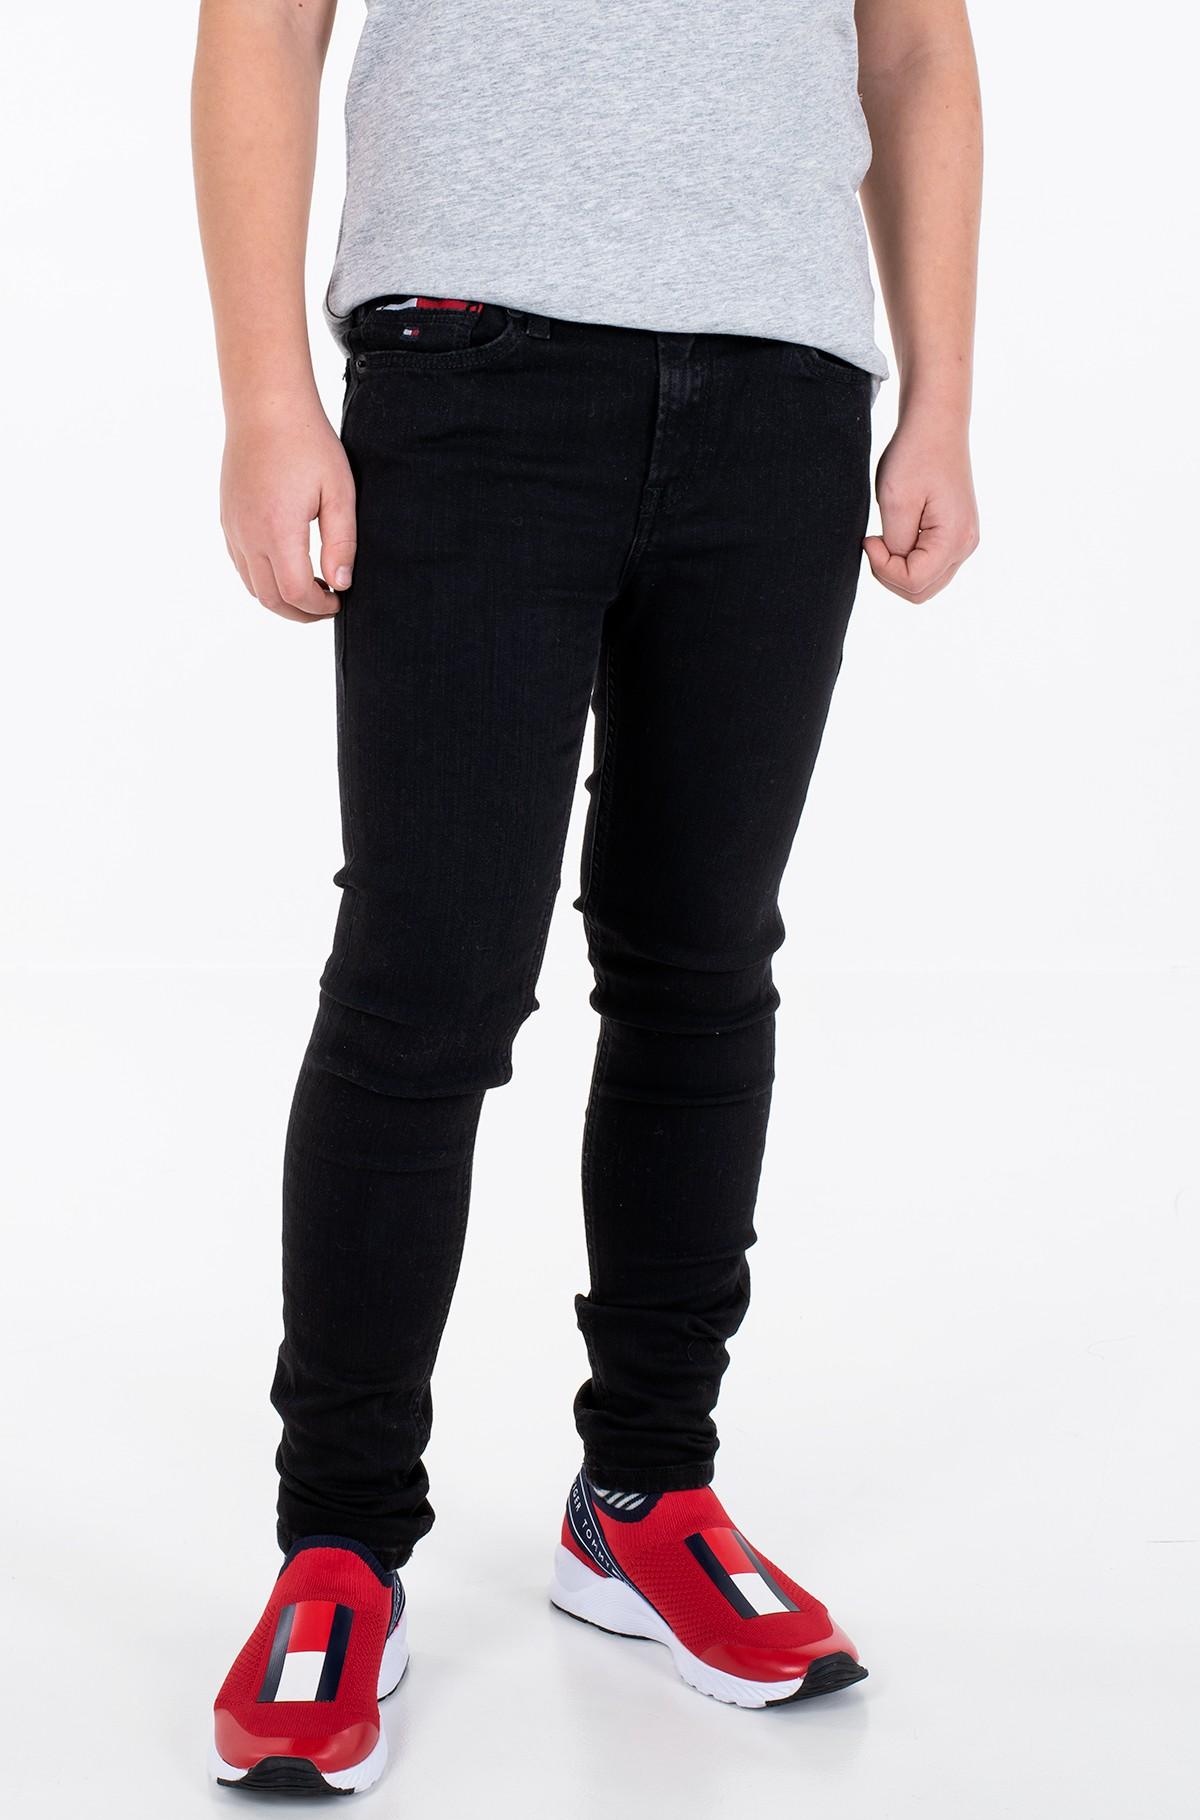 Vaikiškos džinsinės kelnės SIMON SUPER SKINNY WREPLBLS-full-1